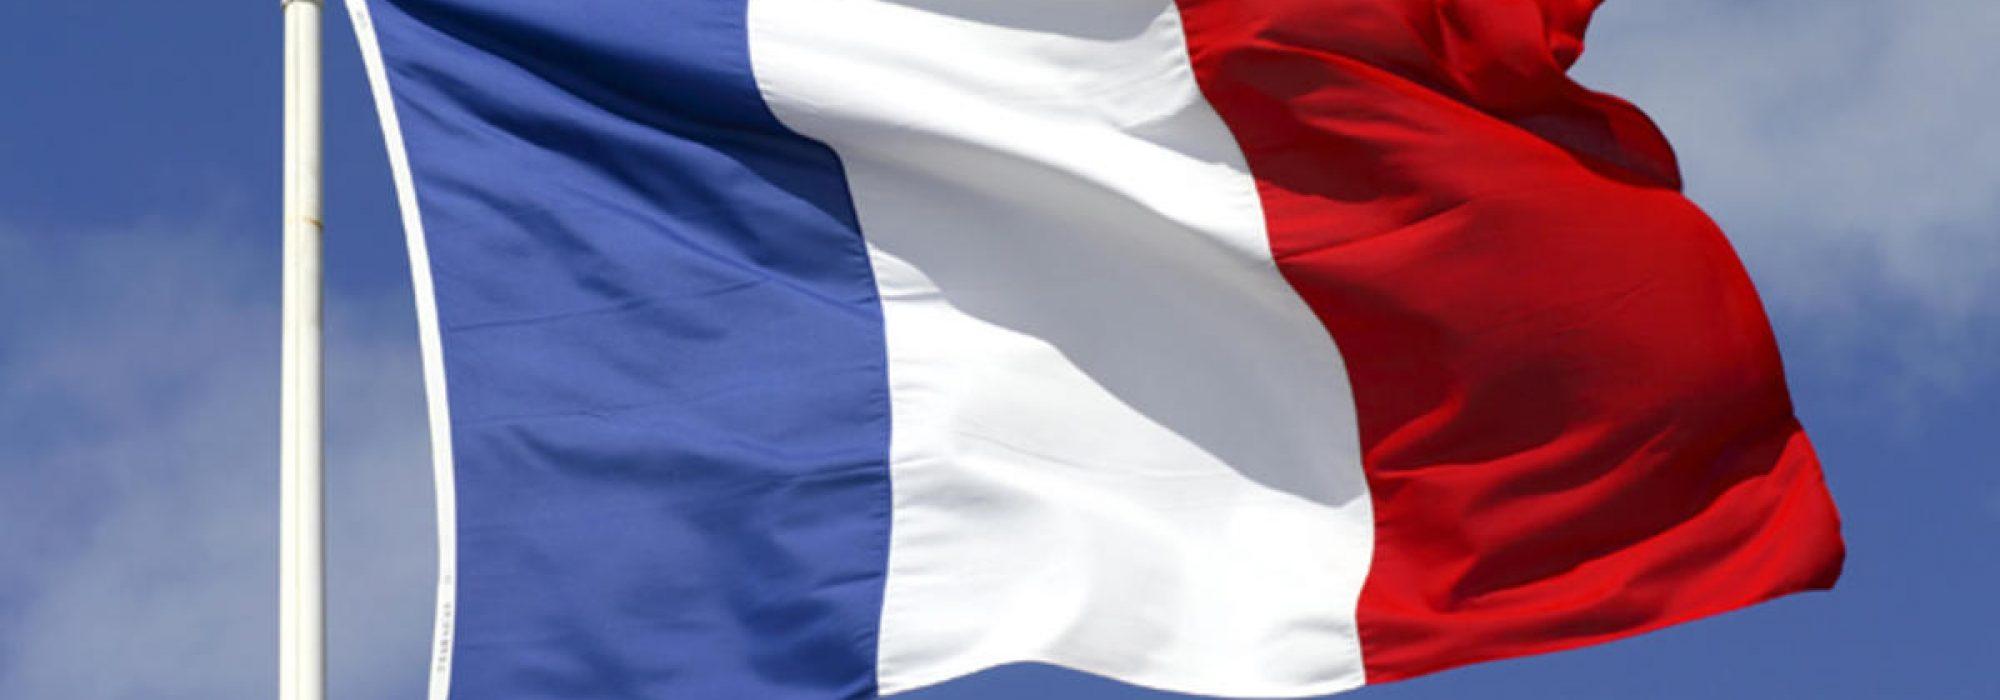 flaga FR